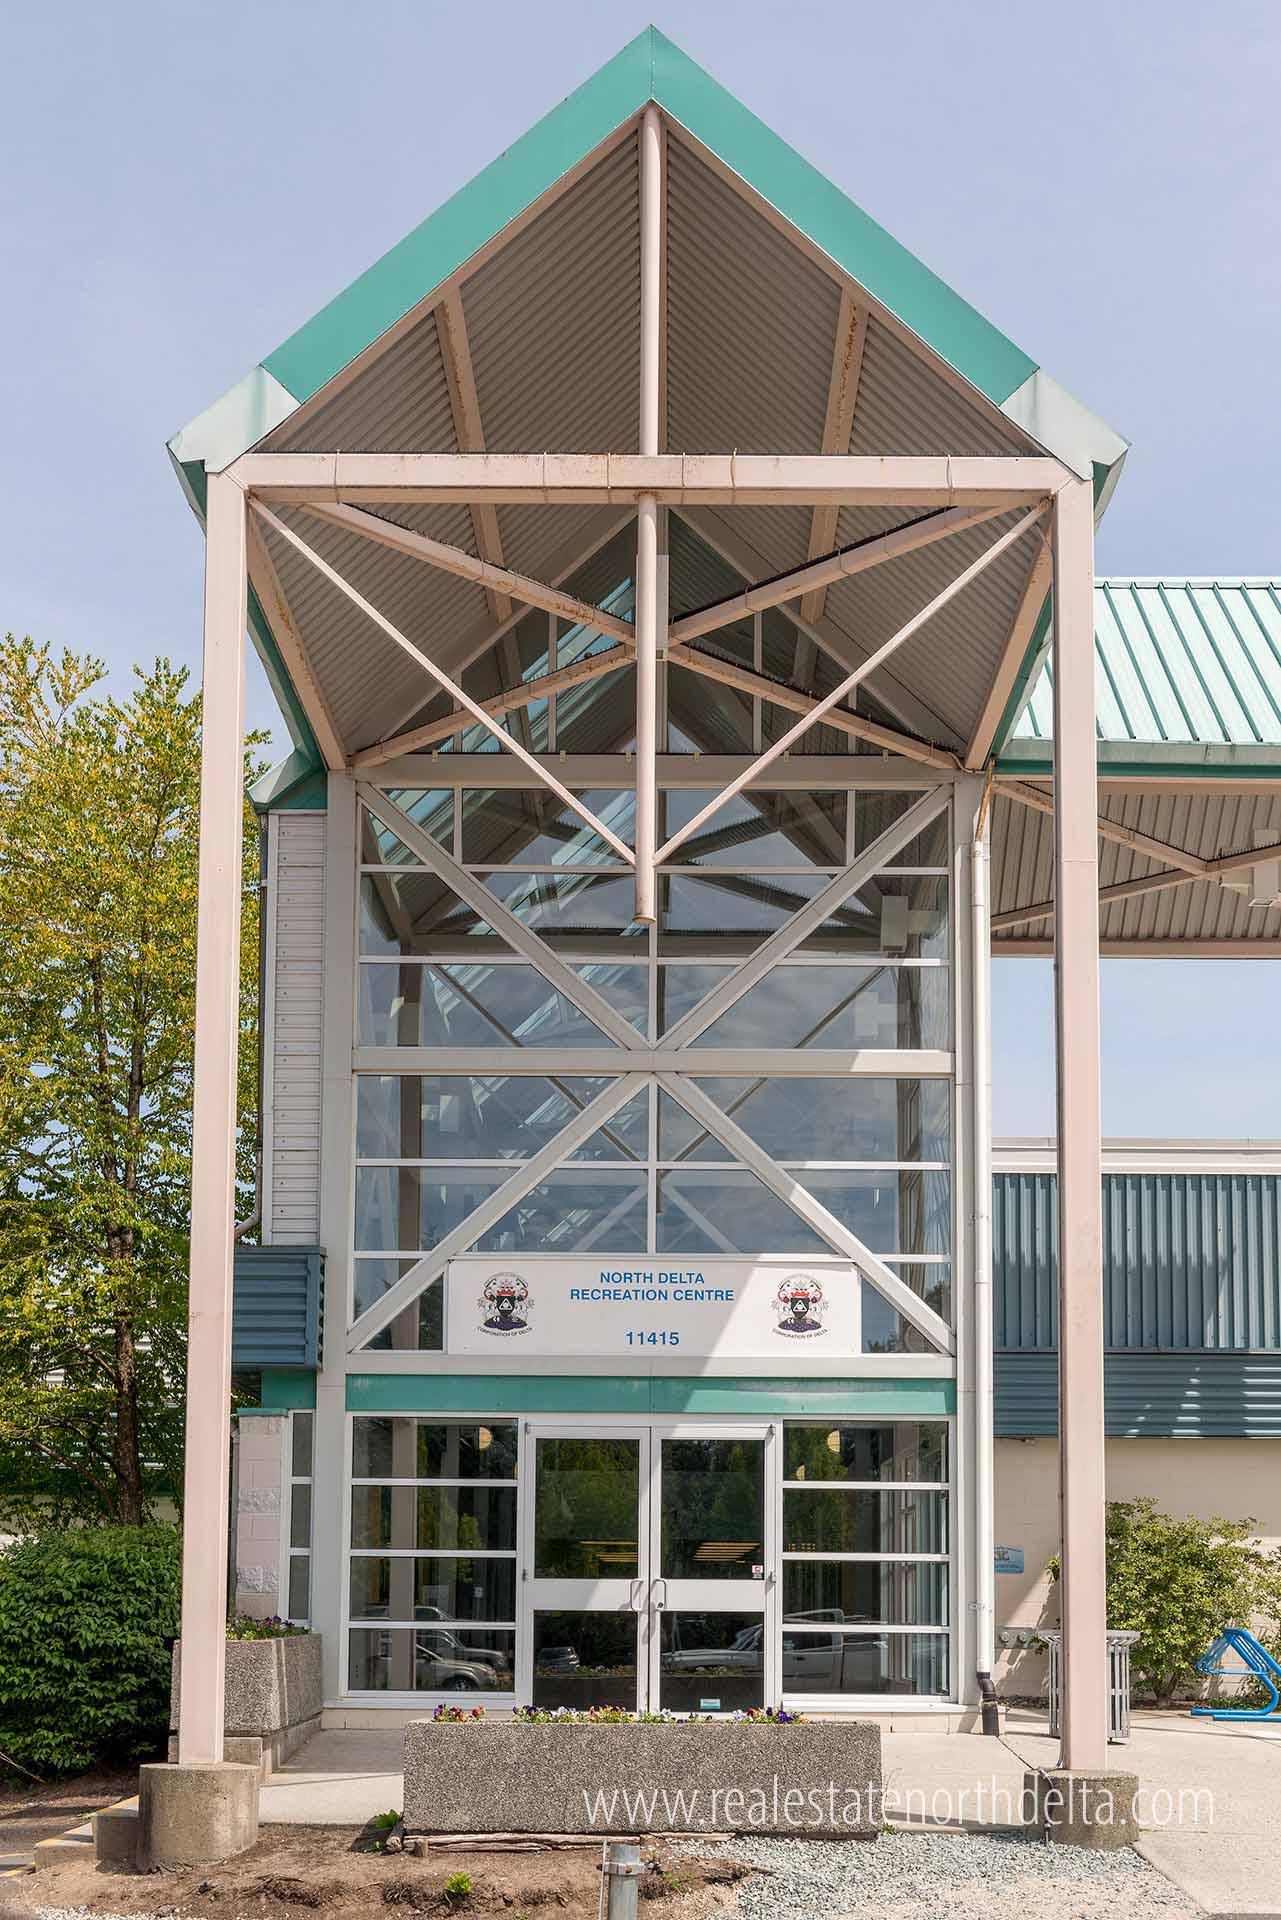 North Delta Rec Centre